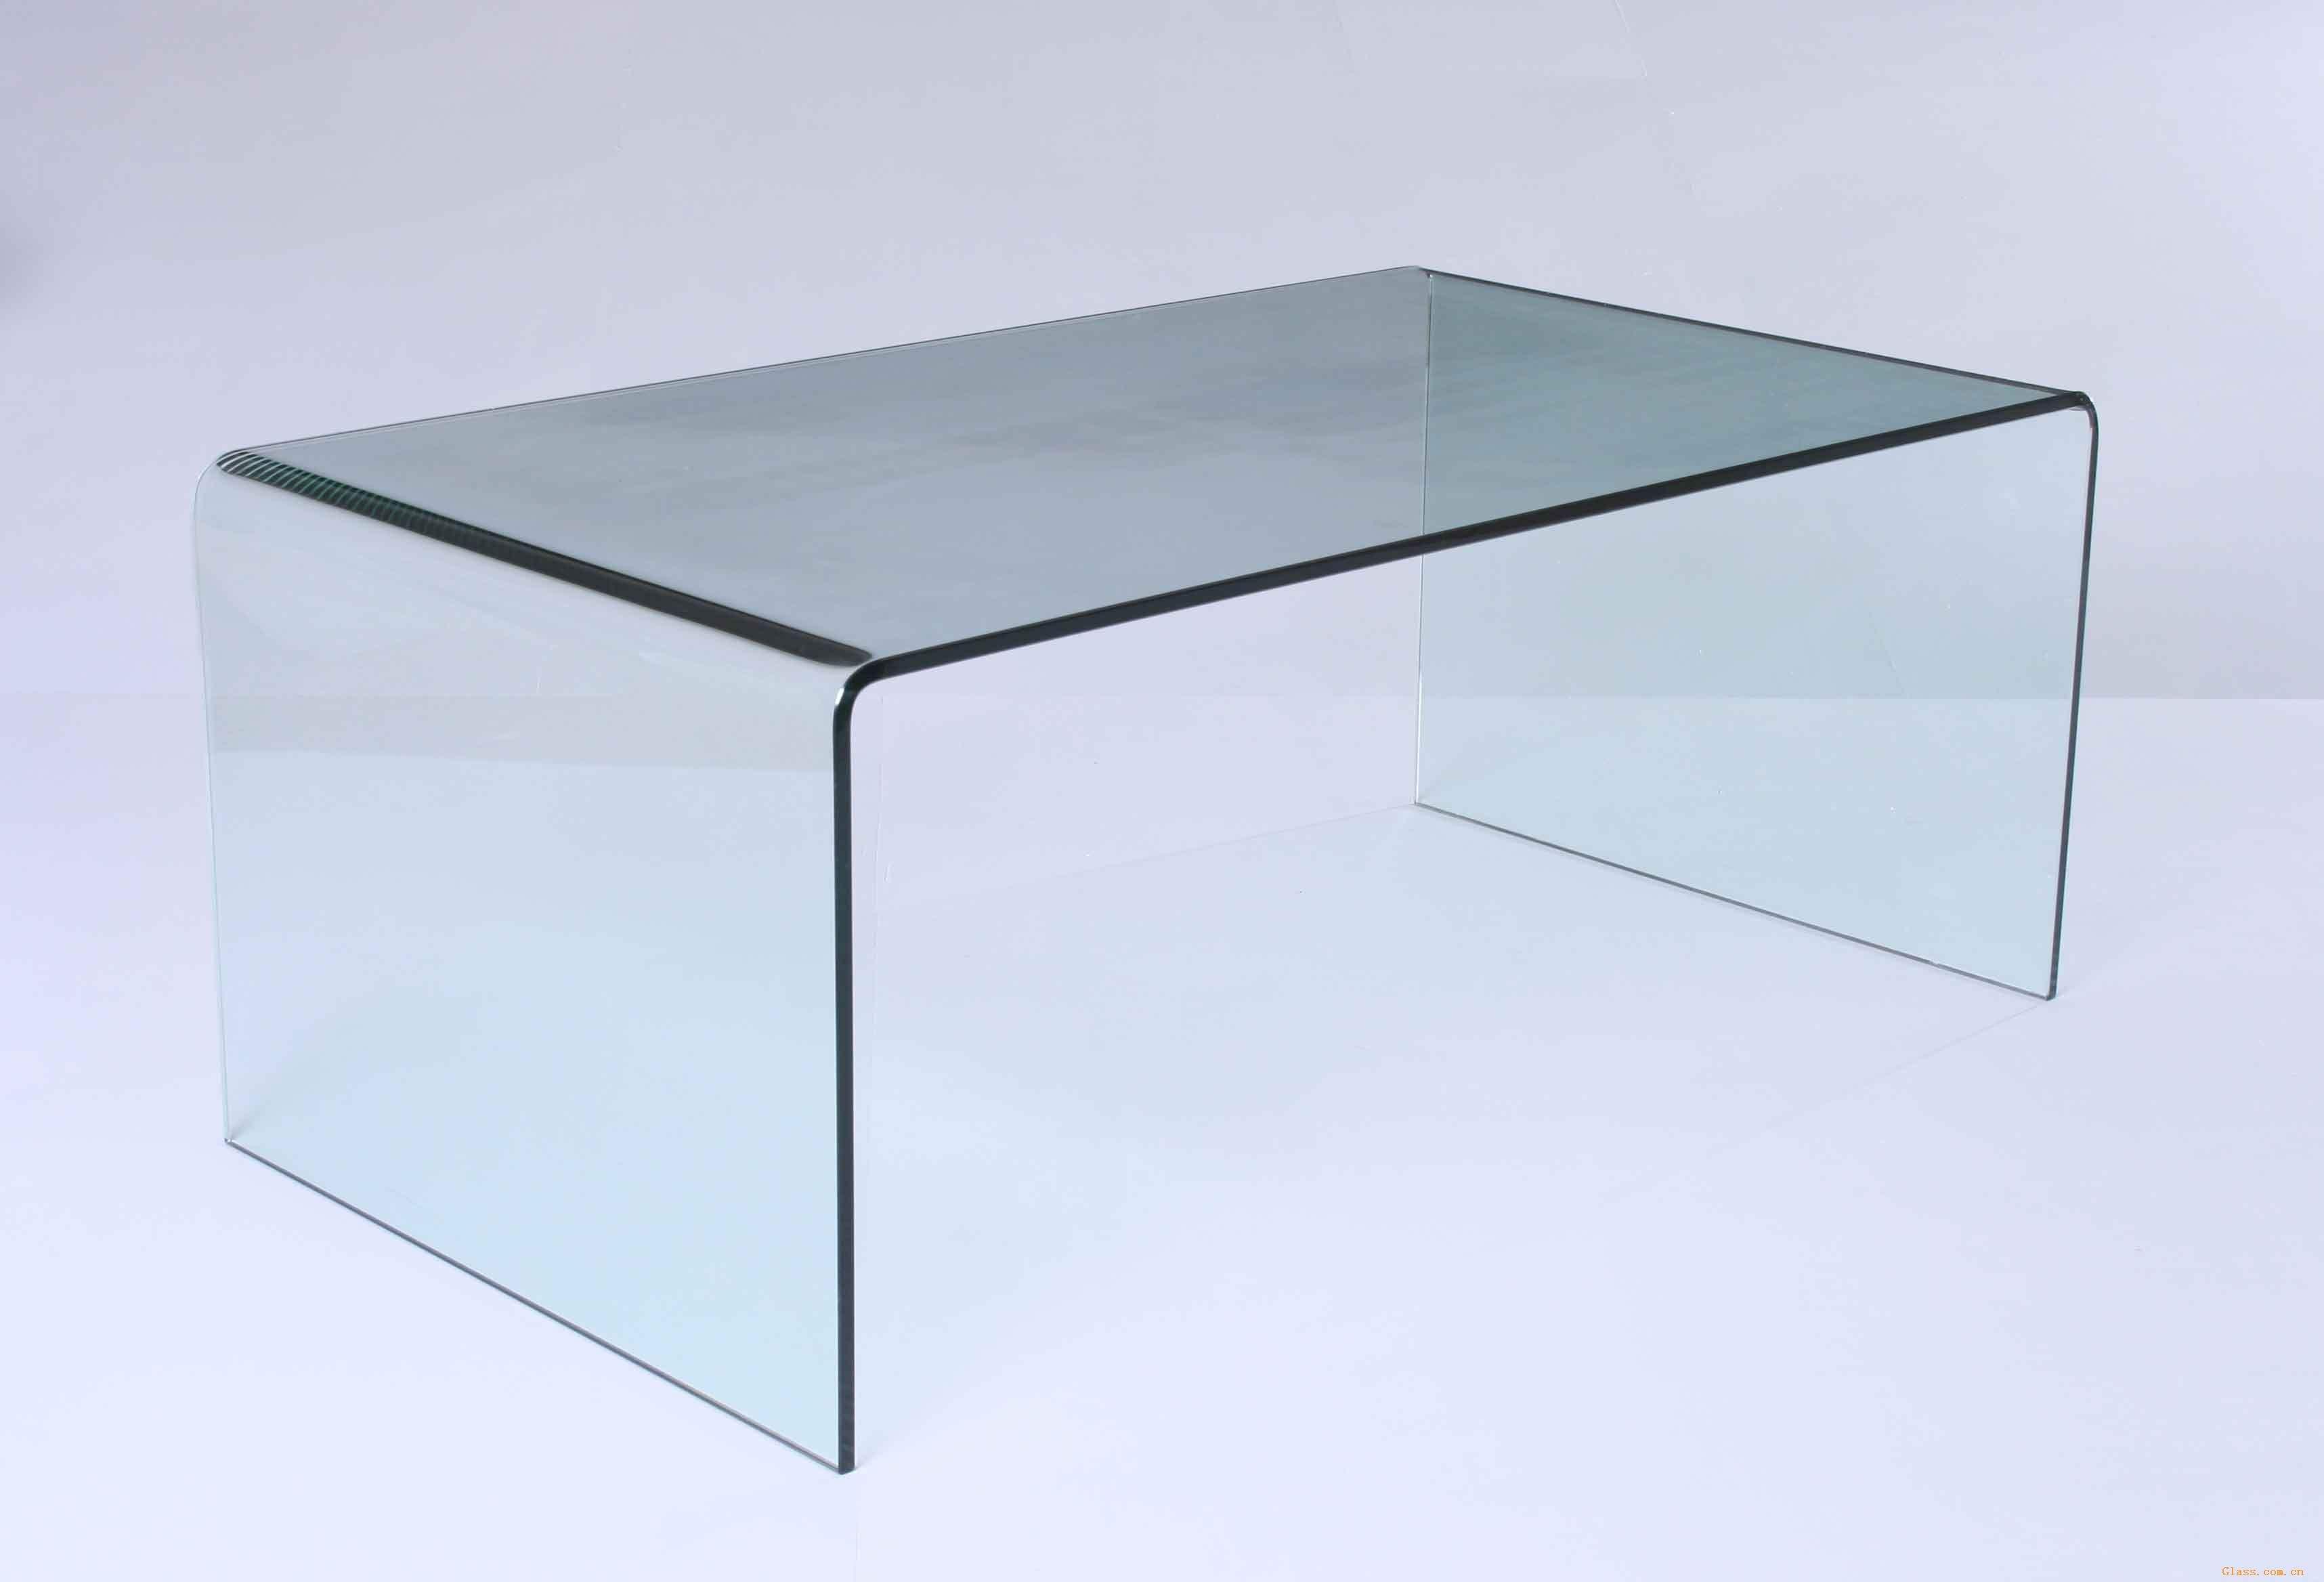 双层玻璃圆桌茶几怎么安装 玻璃茶几的安装步骤